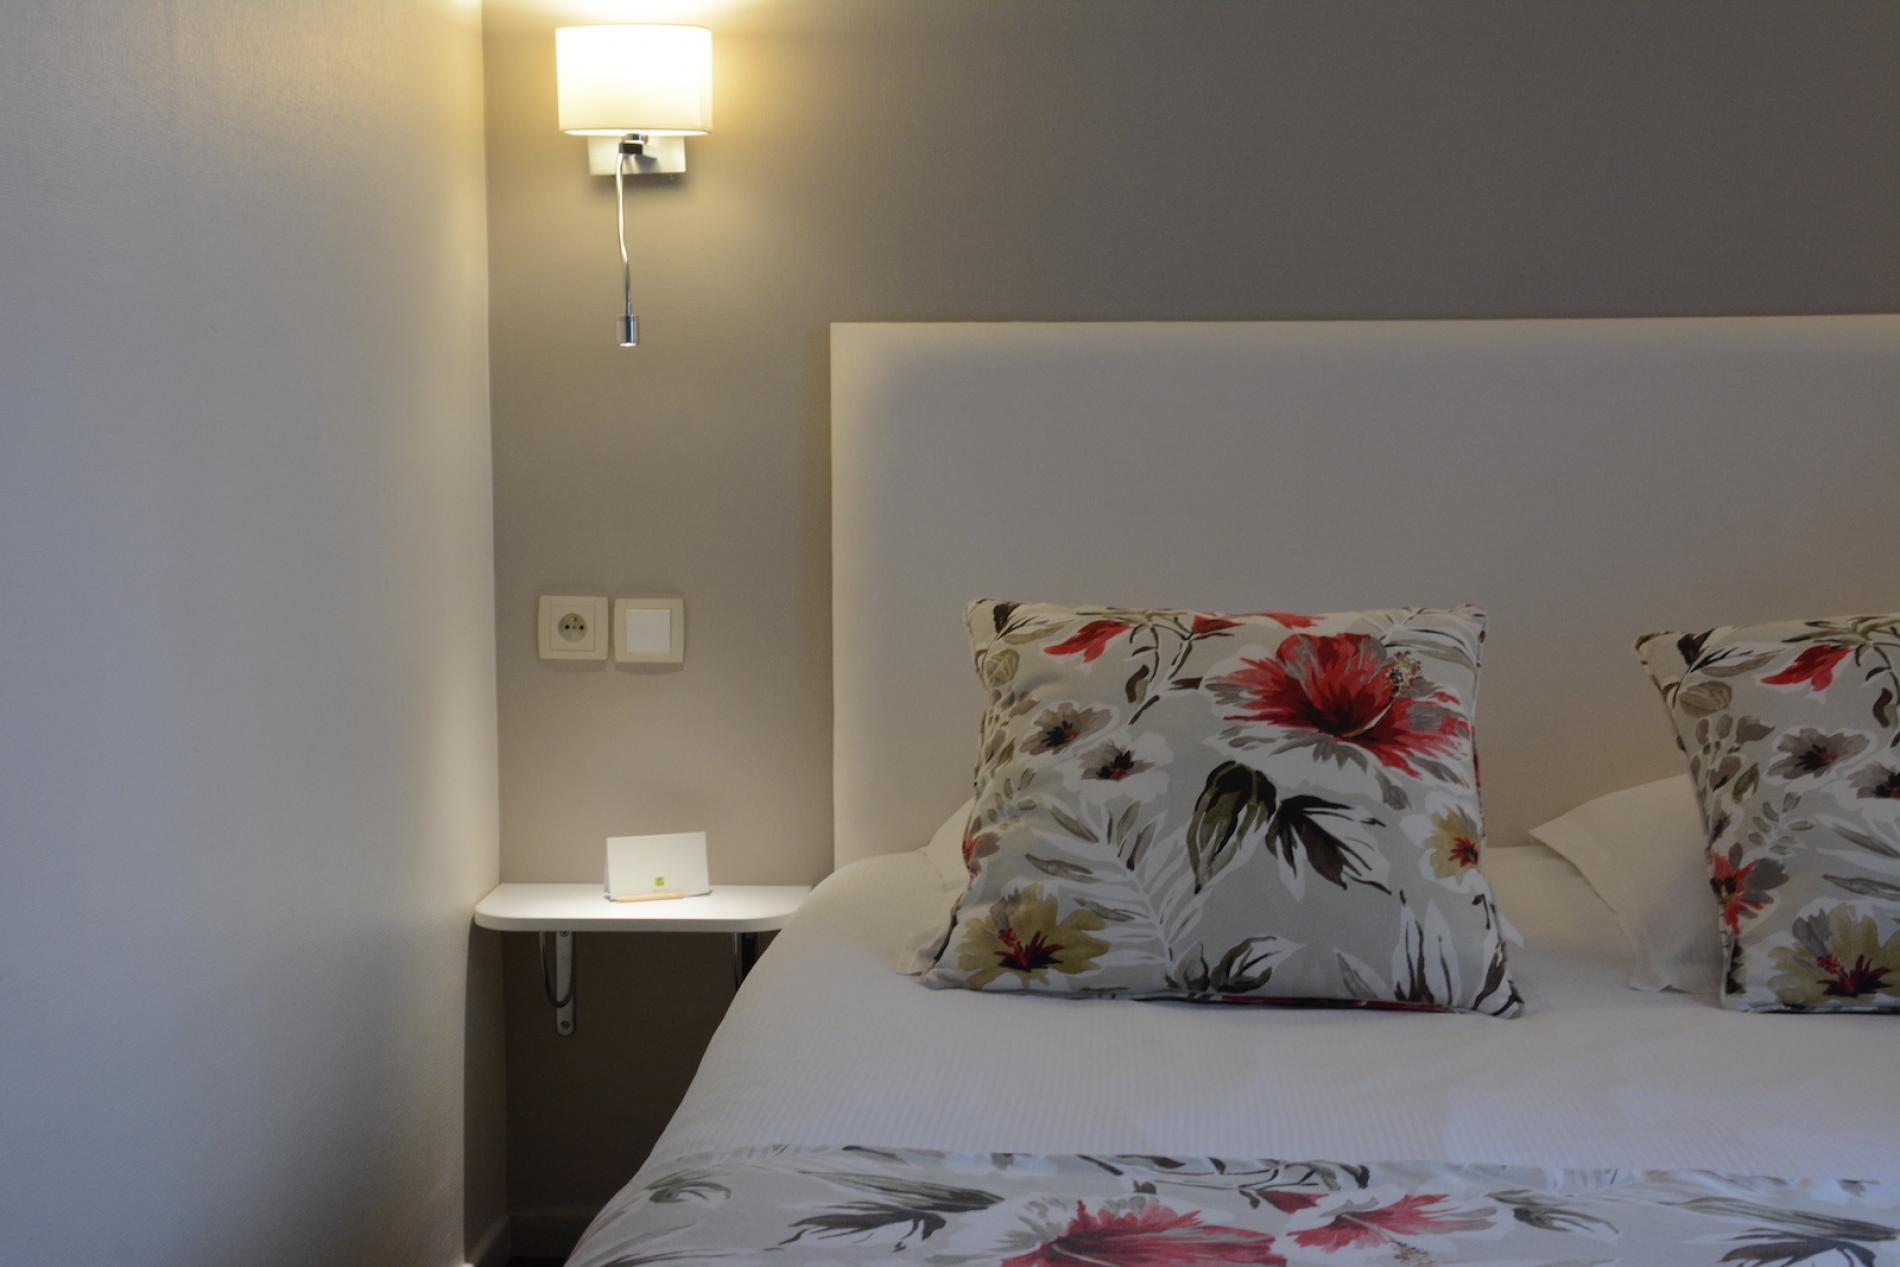 Logis Hôtel*** entre Strasbourg et Obernai<br> Chambre Double Standard